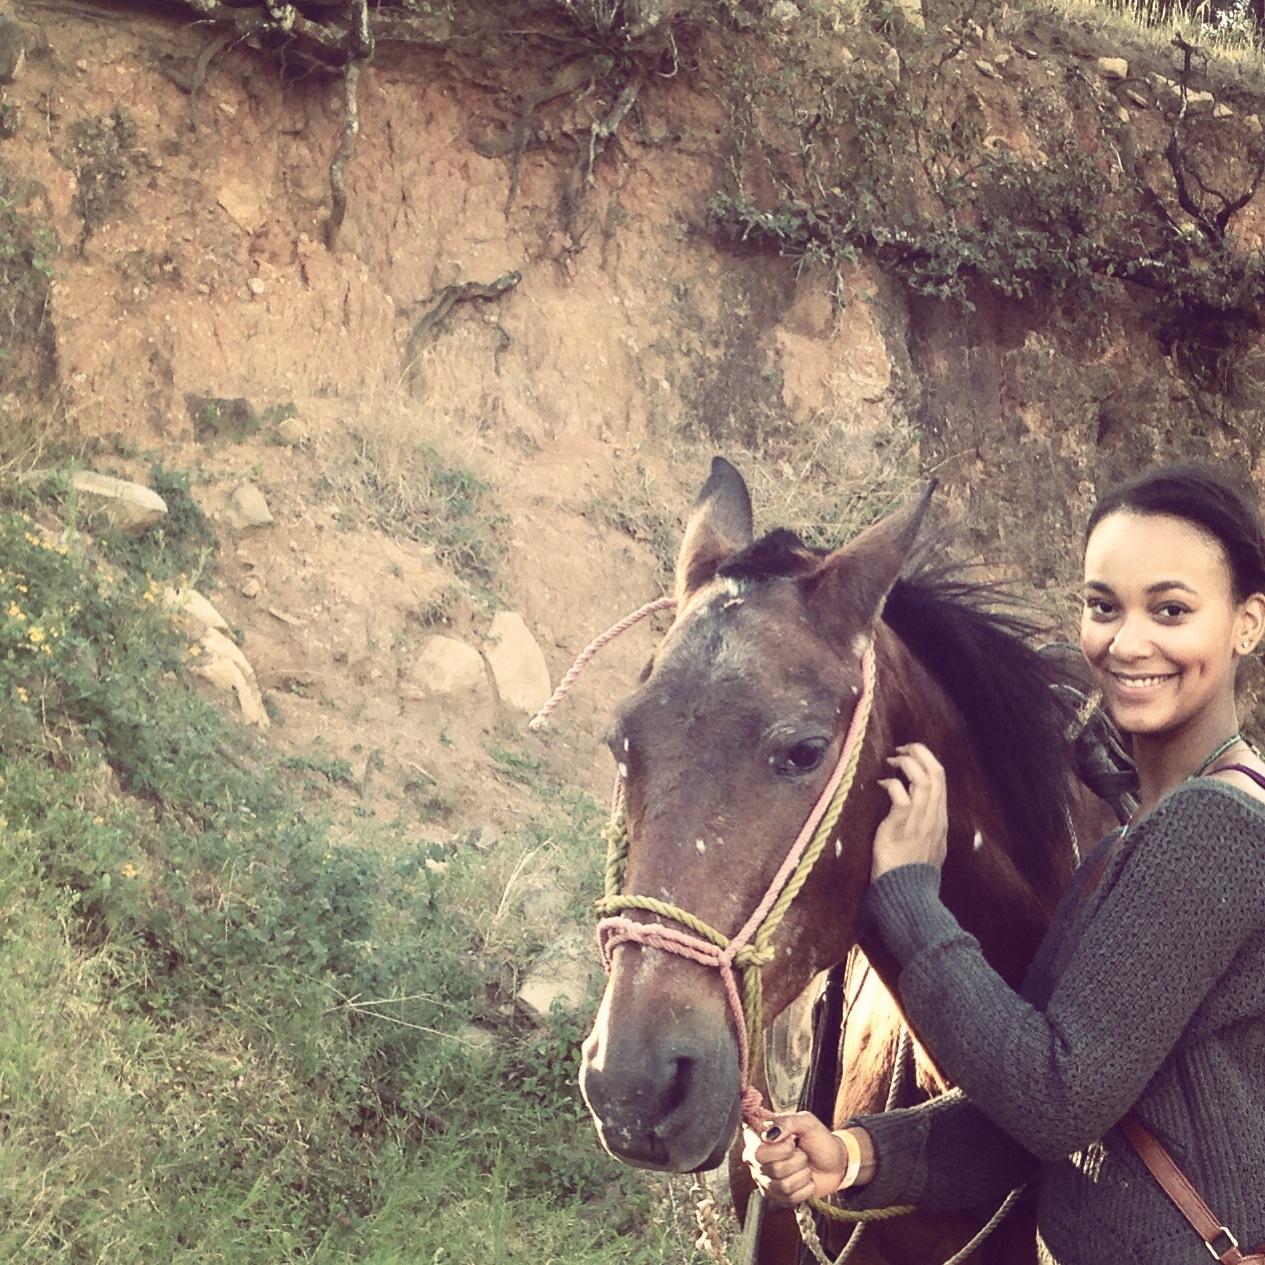 horseback-riding-monteverde-olivia-christine